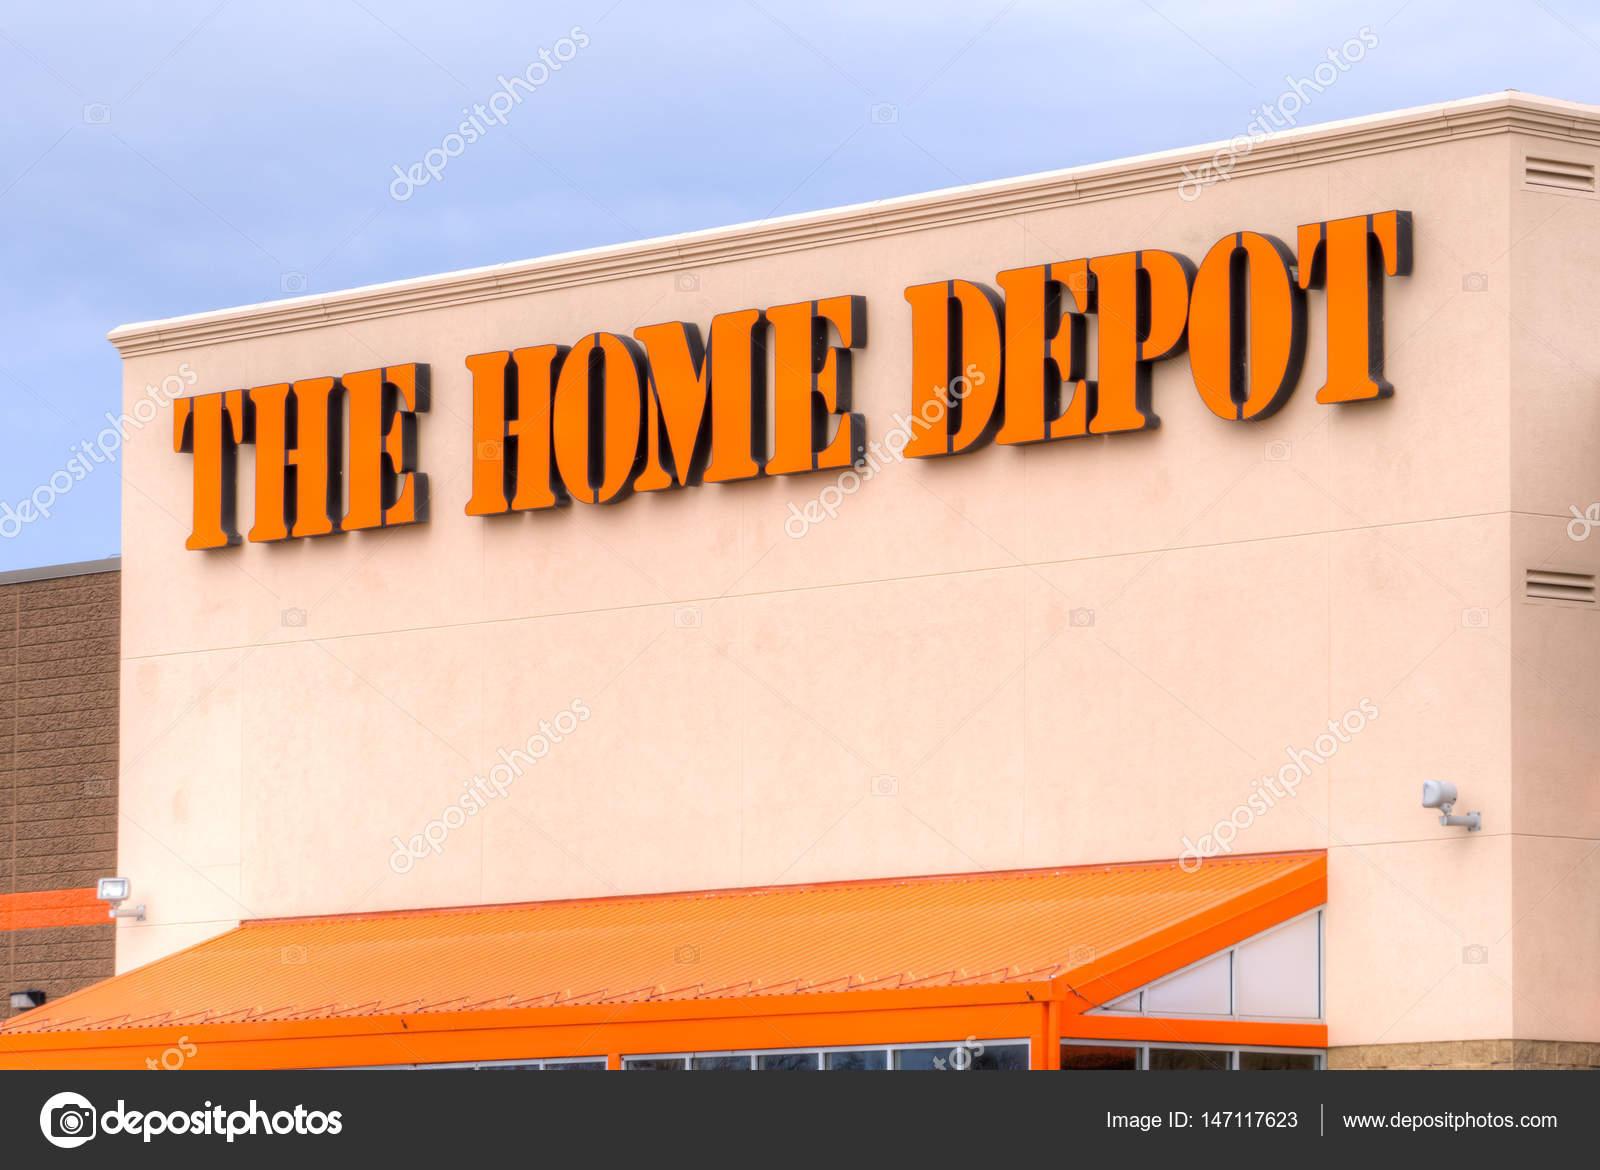 Das äußere des Home Depot — Redaktionelles Stockfoto © wolterke ...